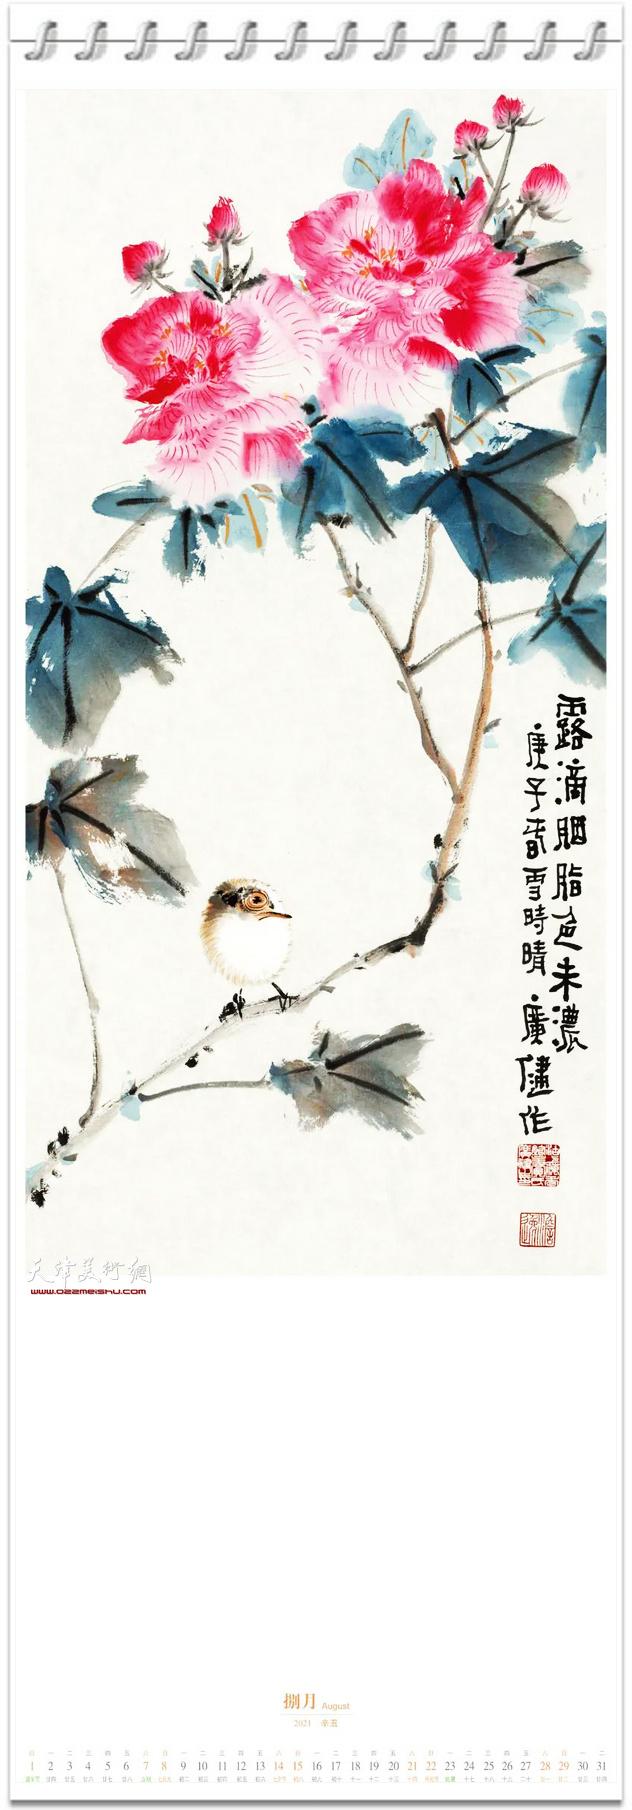 和气致祥——2021辛丑年贾广健花鸟画年历 八月